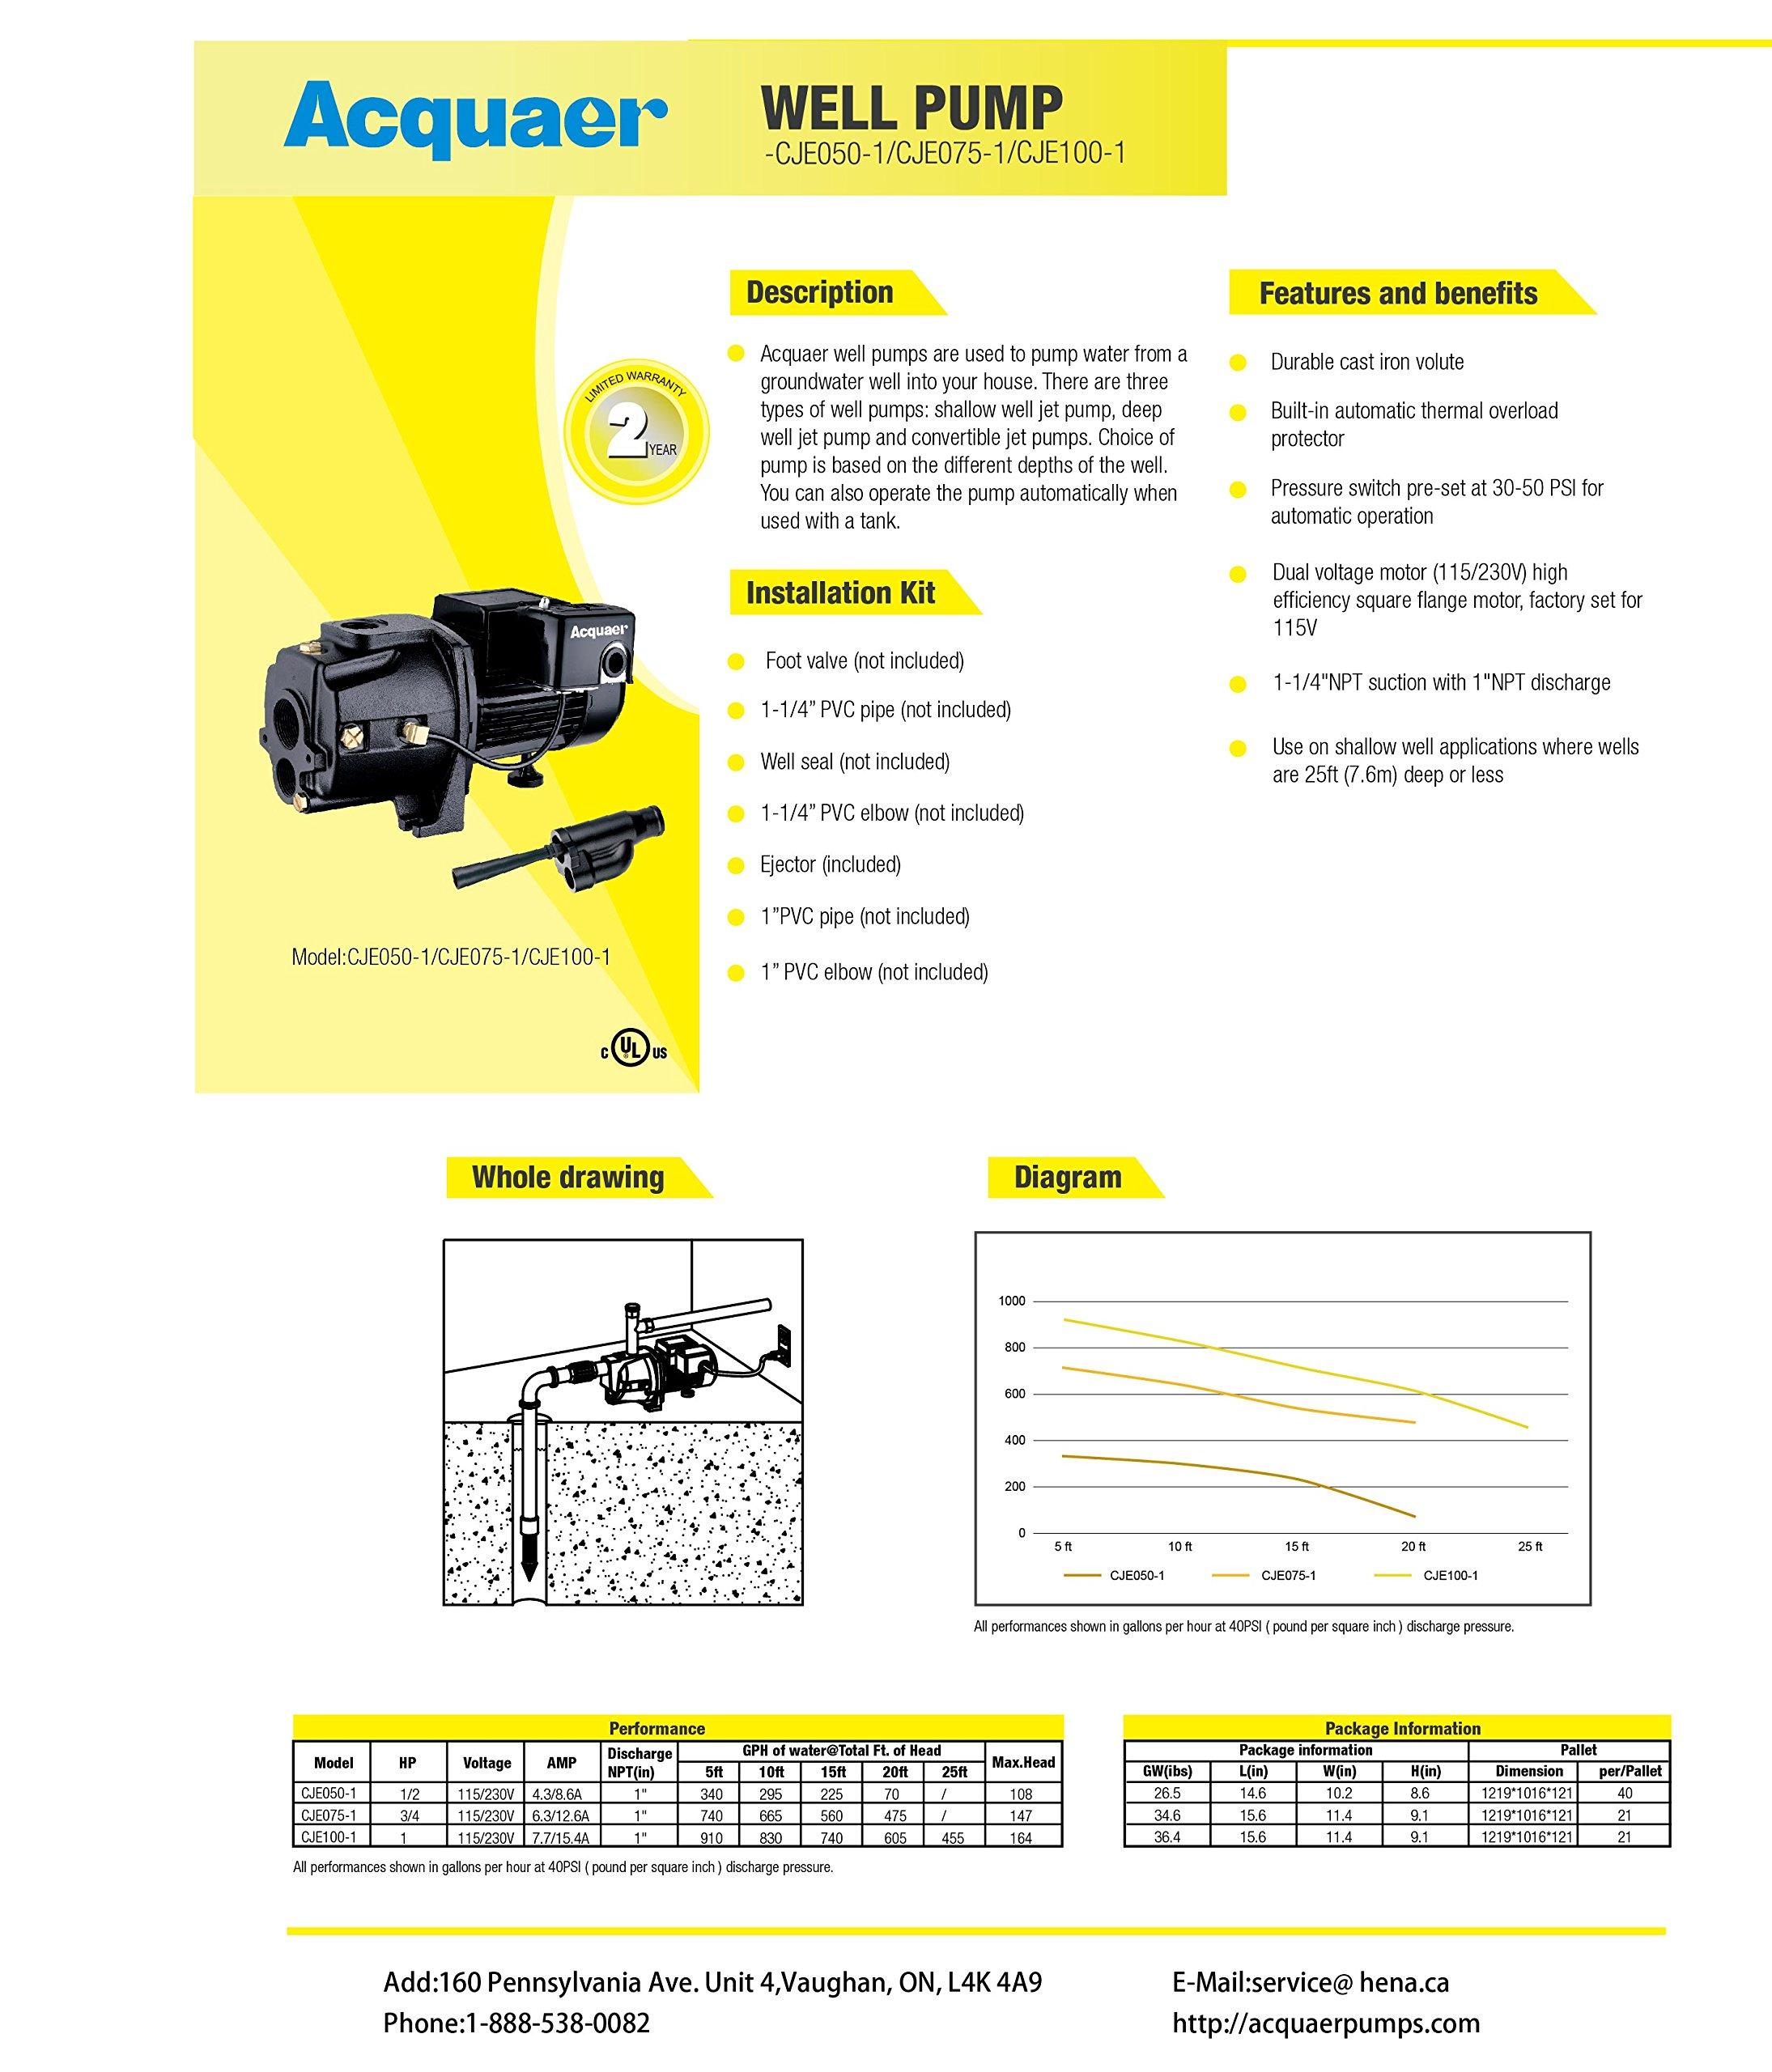 Acqauer 3/4 HP Dual-Voltage Cast iron Convertible Jet Pump